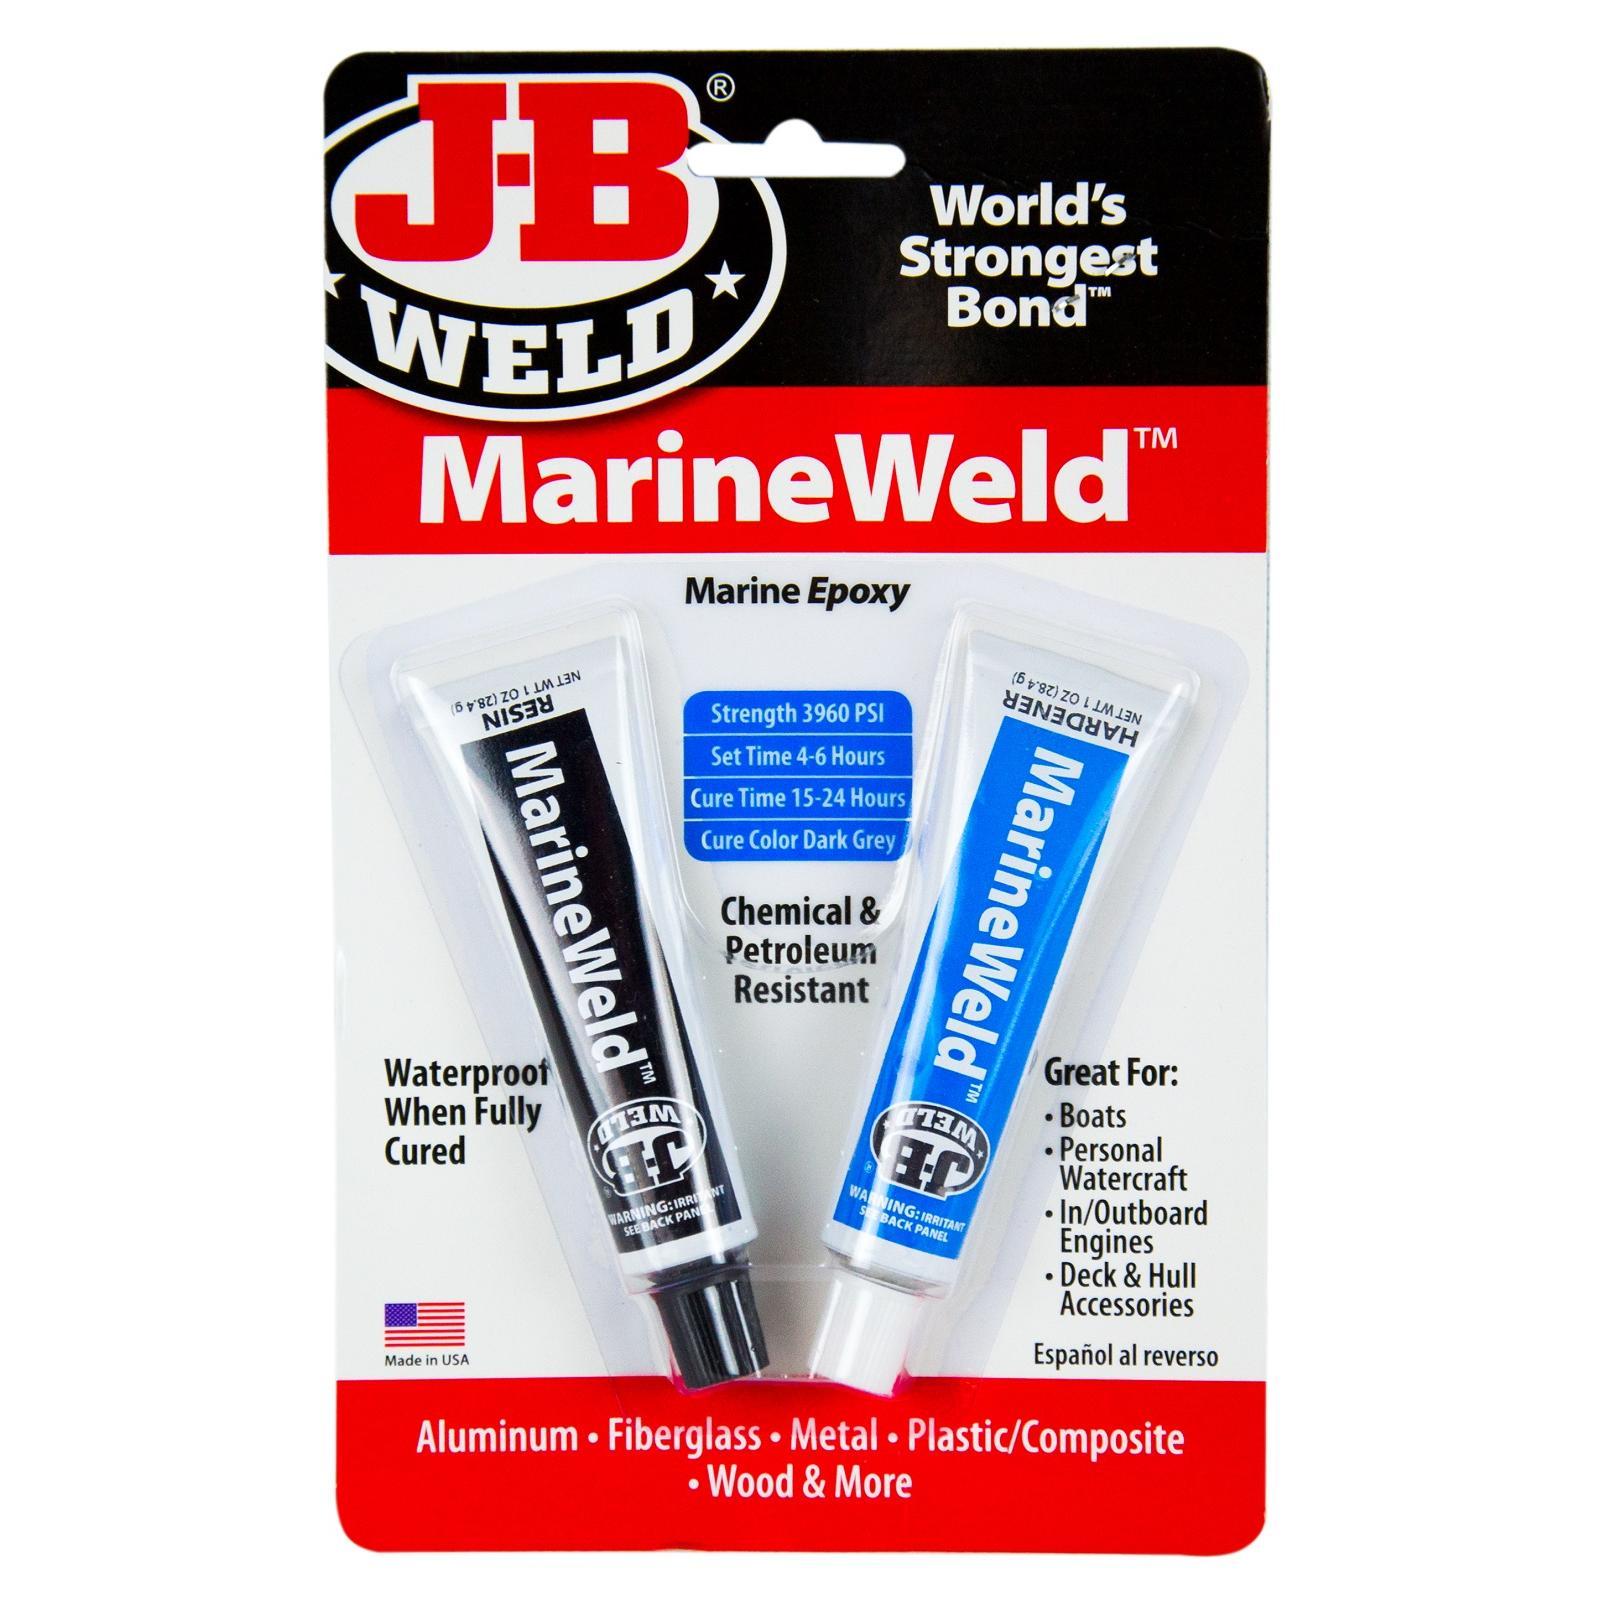 jb weld marineweld 2 komponenten kleber klebstoff bootskleber wasserfest 2x 28 g parts4care. Black Bedroom Furniture Sets. Home Design Ideas